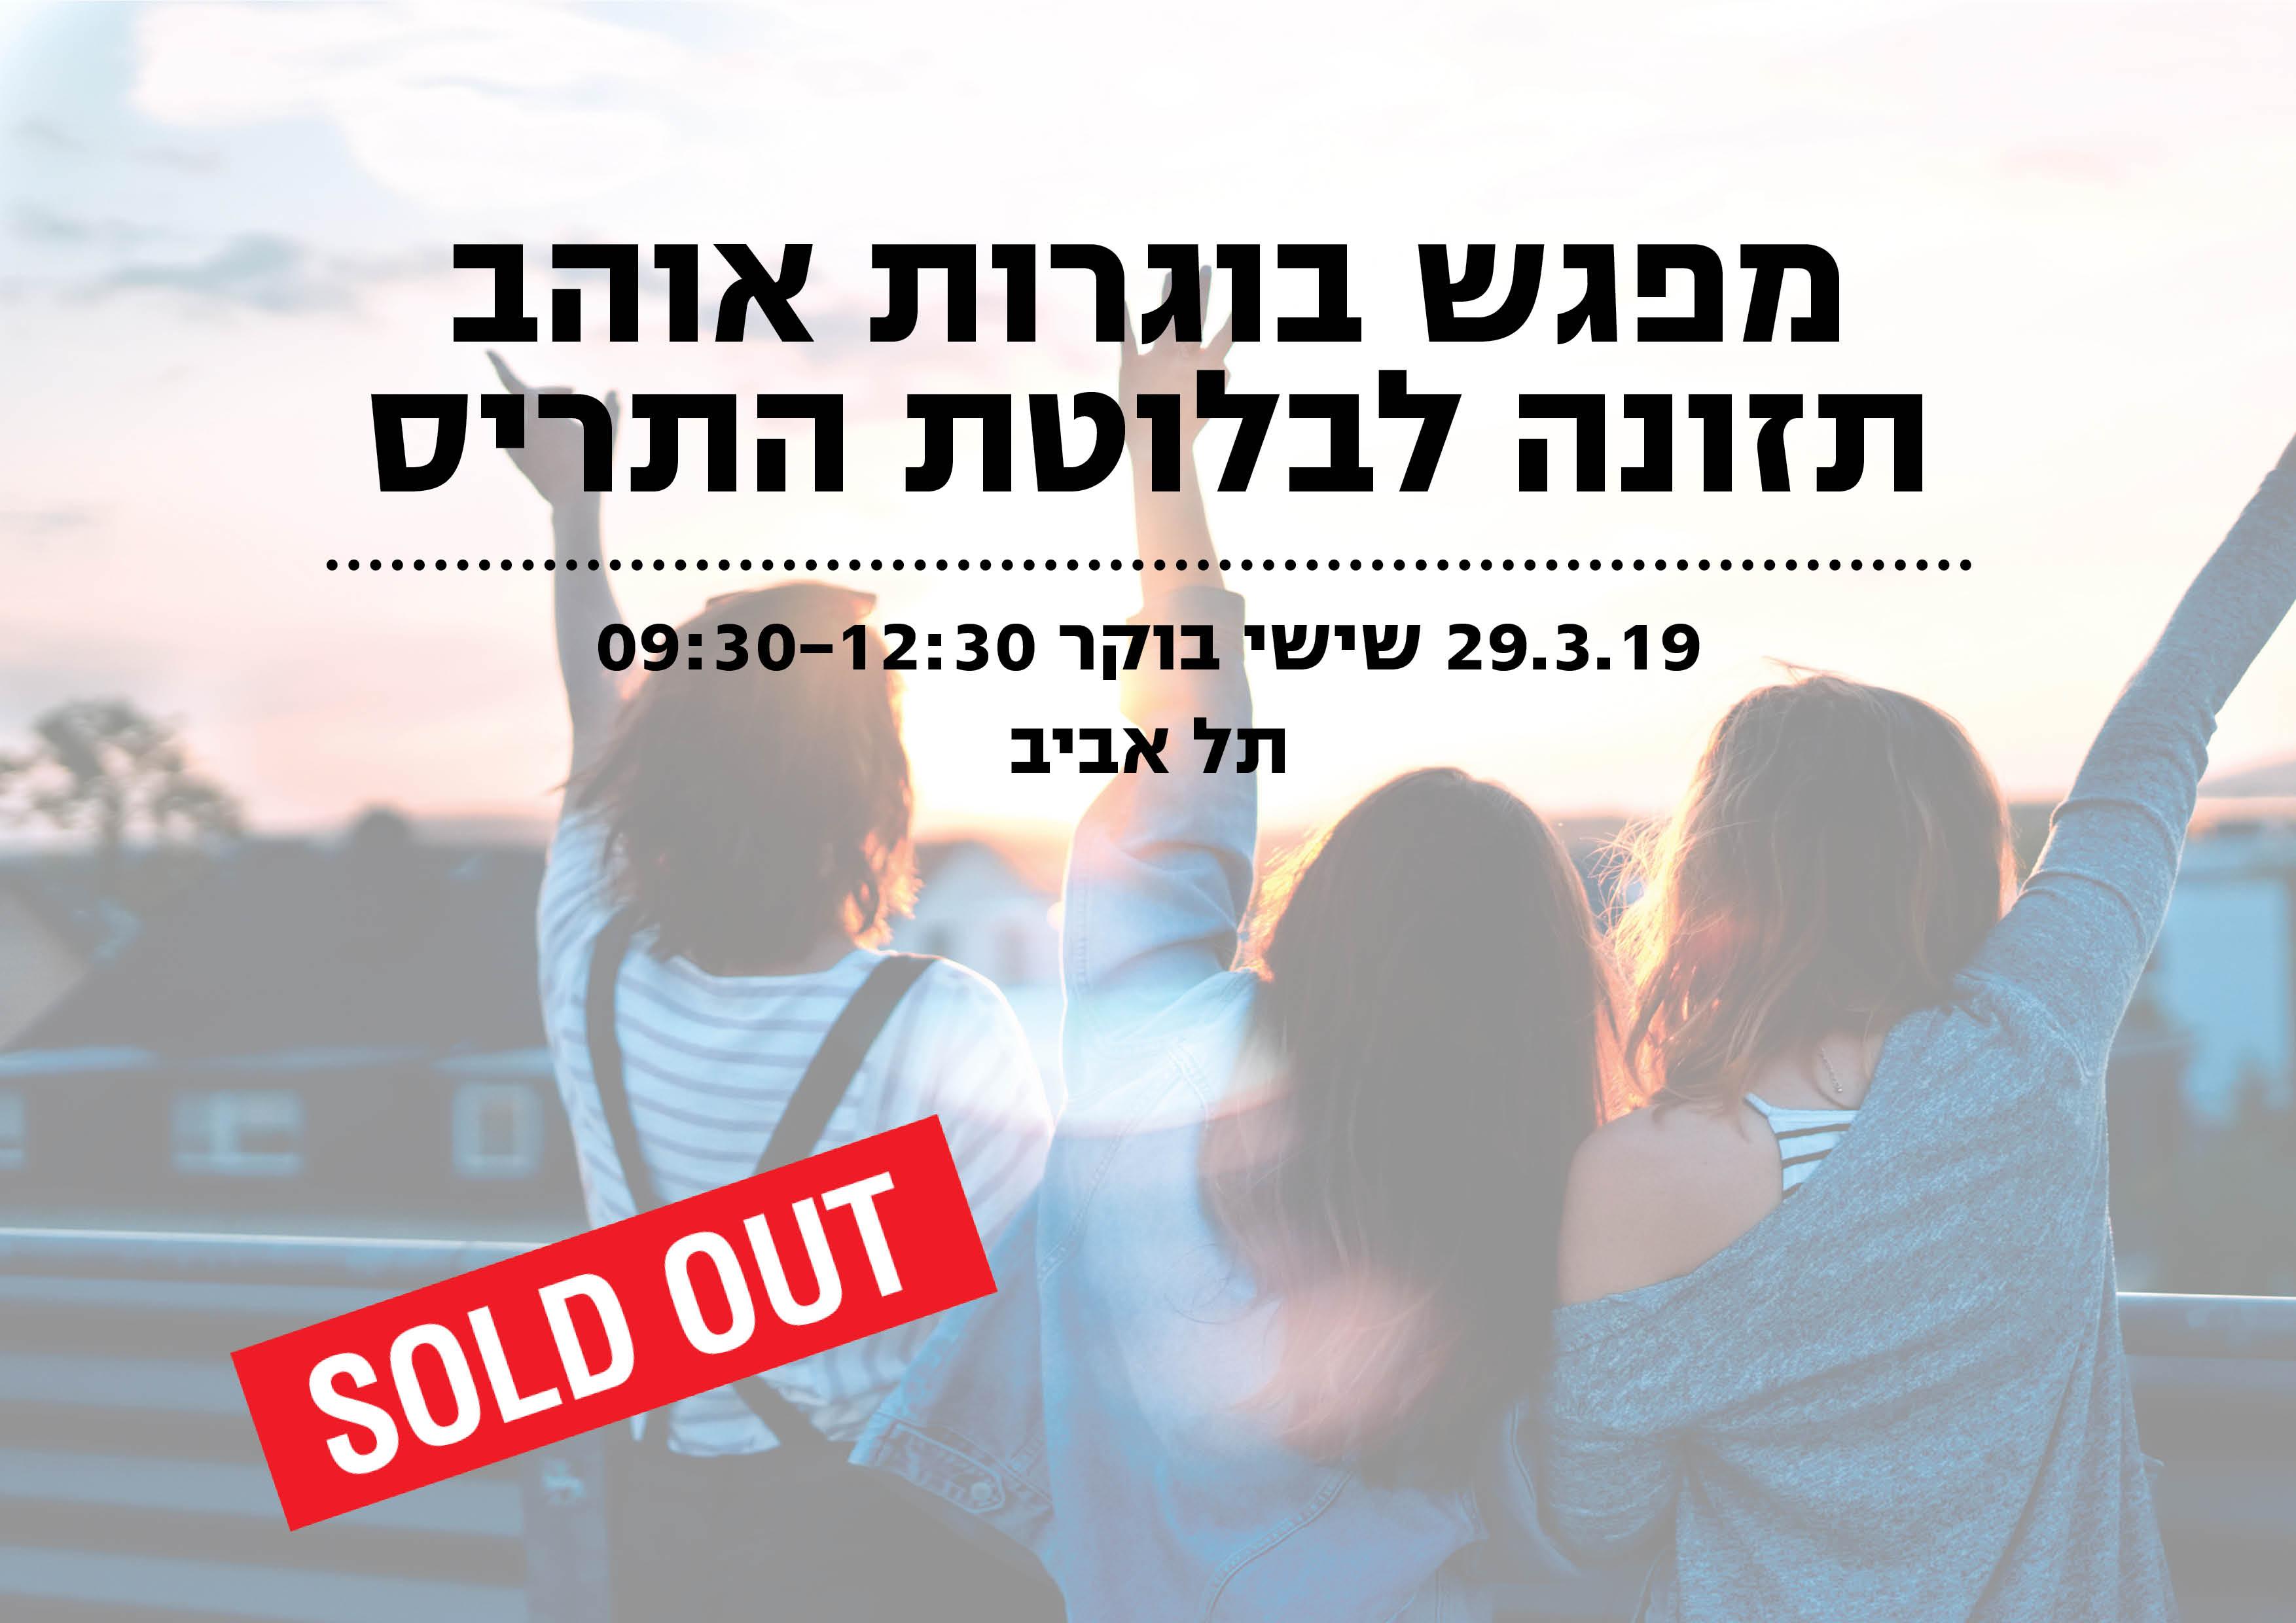 מפגש בוגרות sold out